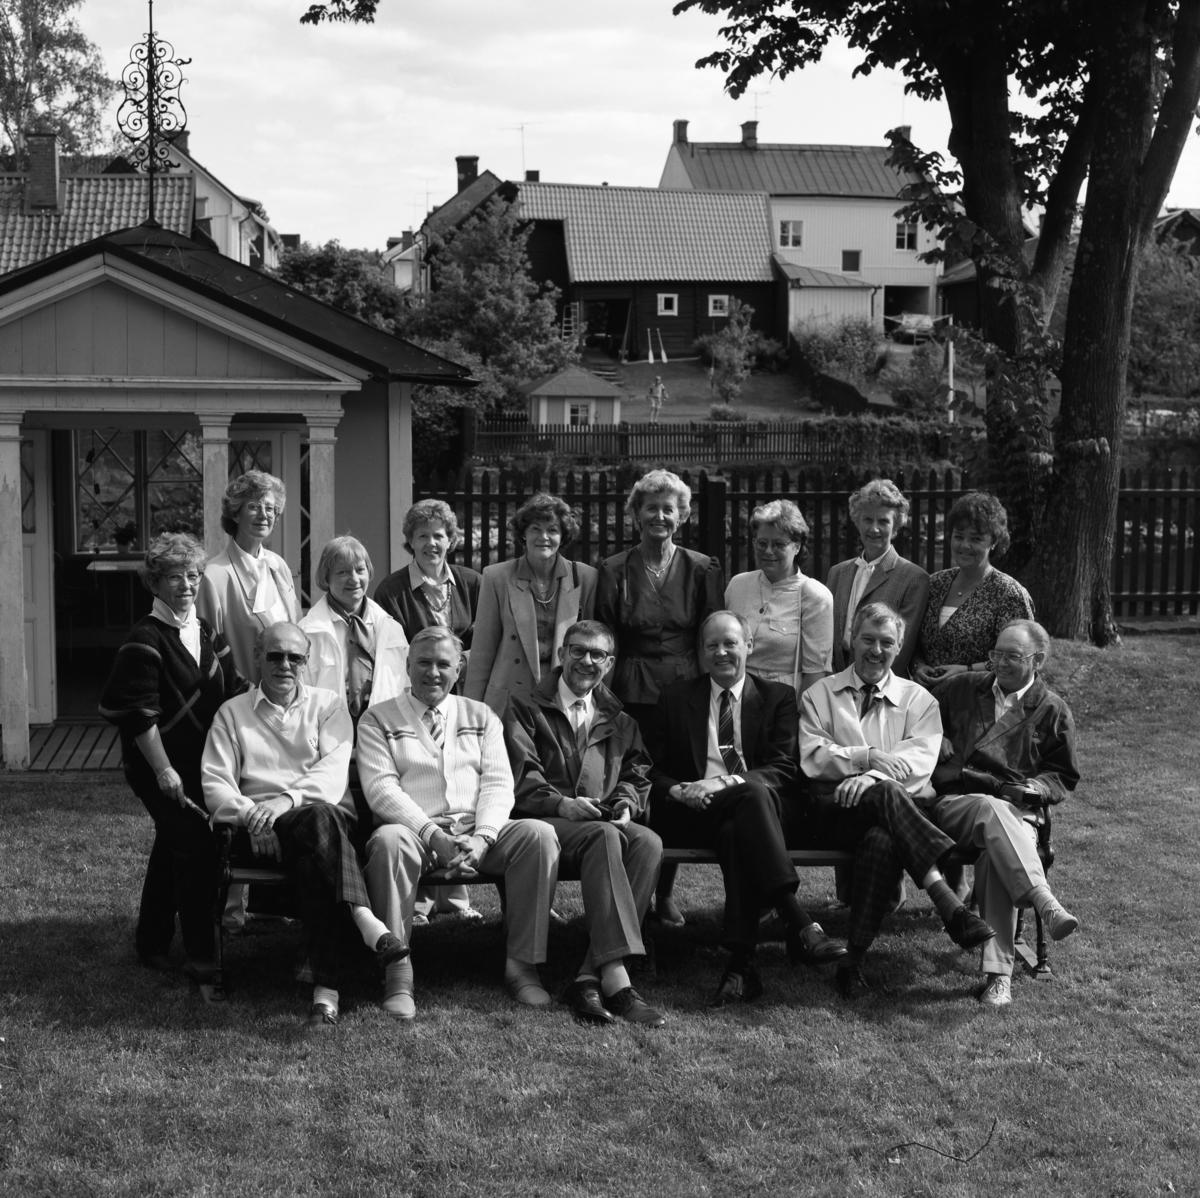 Real-jubileum. Klassträff. Stående, från vänster: Birgitta Strandberg (gift Källum), Lisbeth Ohlsson, Margareta Engström (gift Melin), Kerstin Jonsson (gift Strömberg), Birgitta Eliasson (gift Ström), Rigmor Stridsberg, Christina Key-Åberg (gift Ernstsson), Anna-Britta Holgersson (gift Urby) och Ingegerd Pettersson (gift Axelsson). Sittande, från vänster: Lennart Källum, Arne Bjelke, Gösta Lindberg, Bo Kristoffersson, Ingvar Knutsson och Roland Abrahamsson.